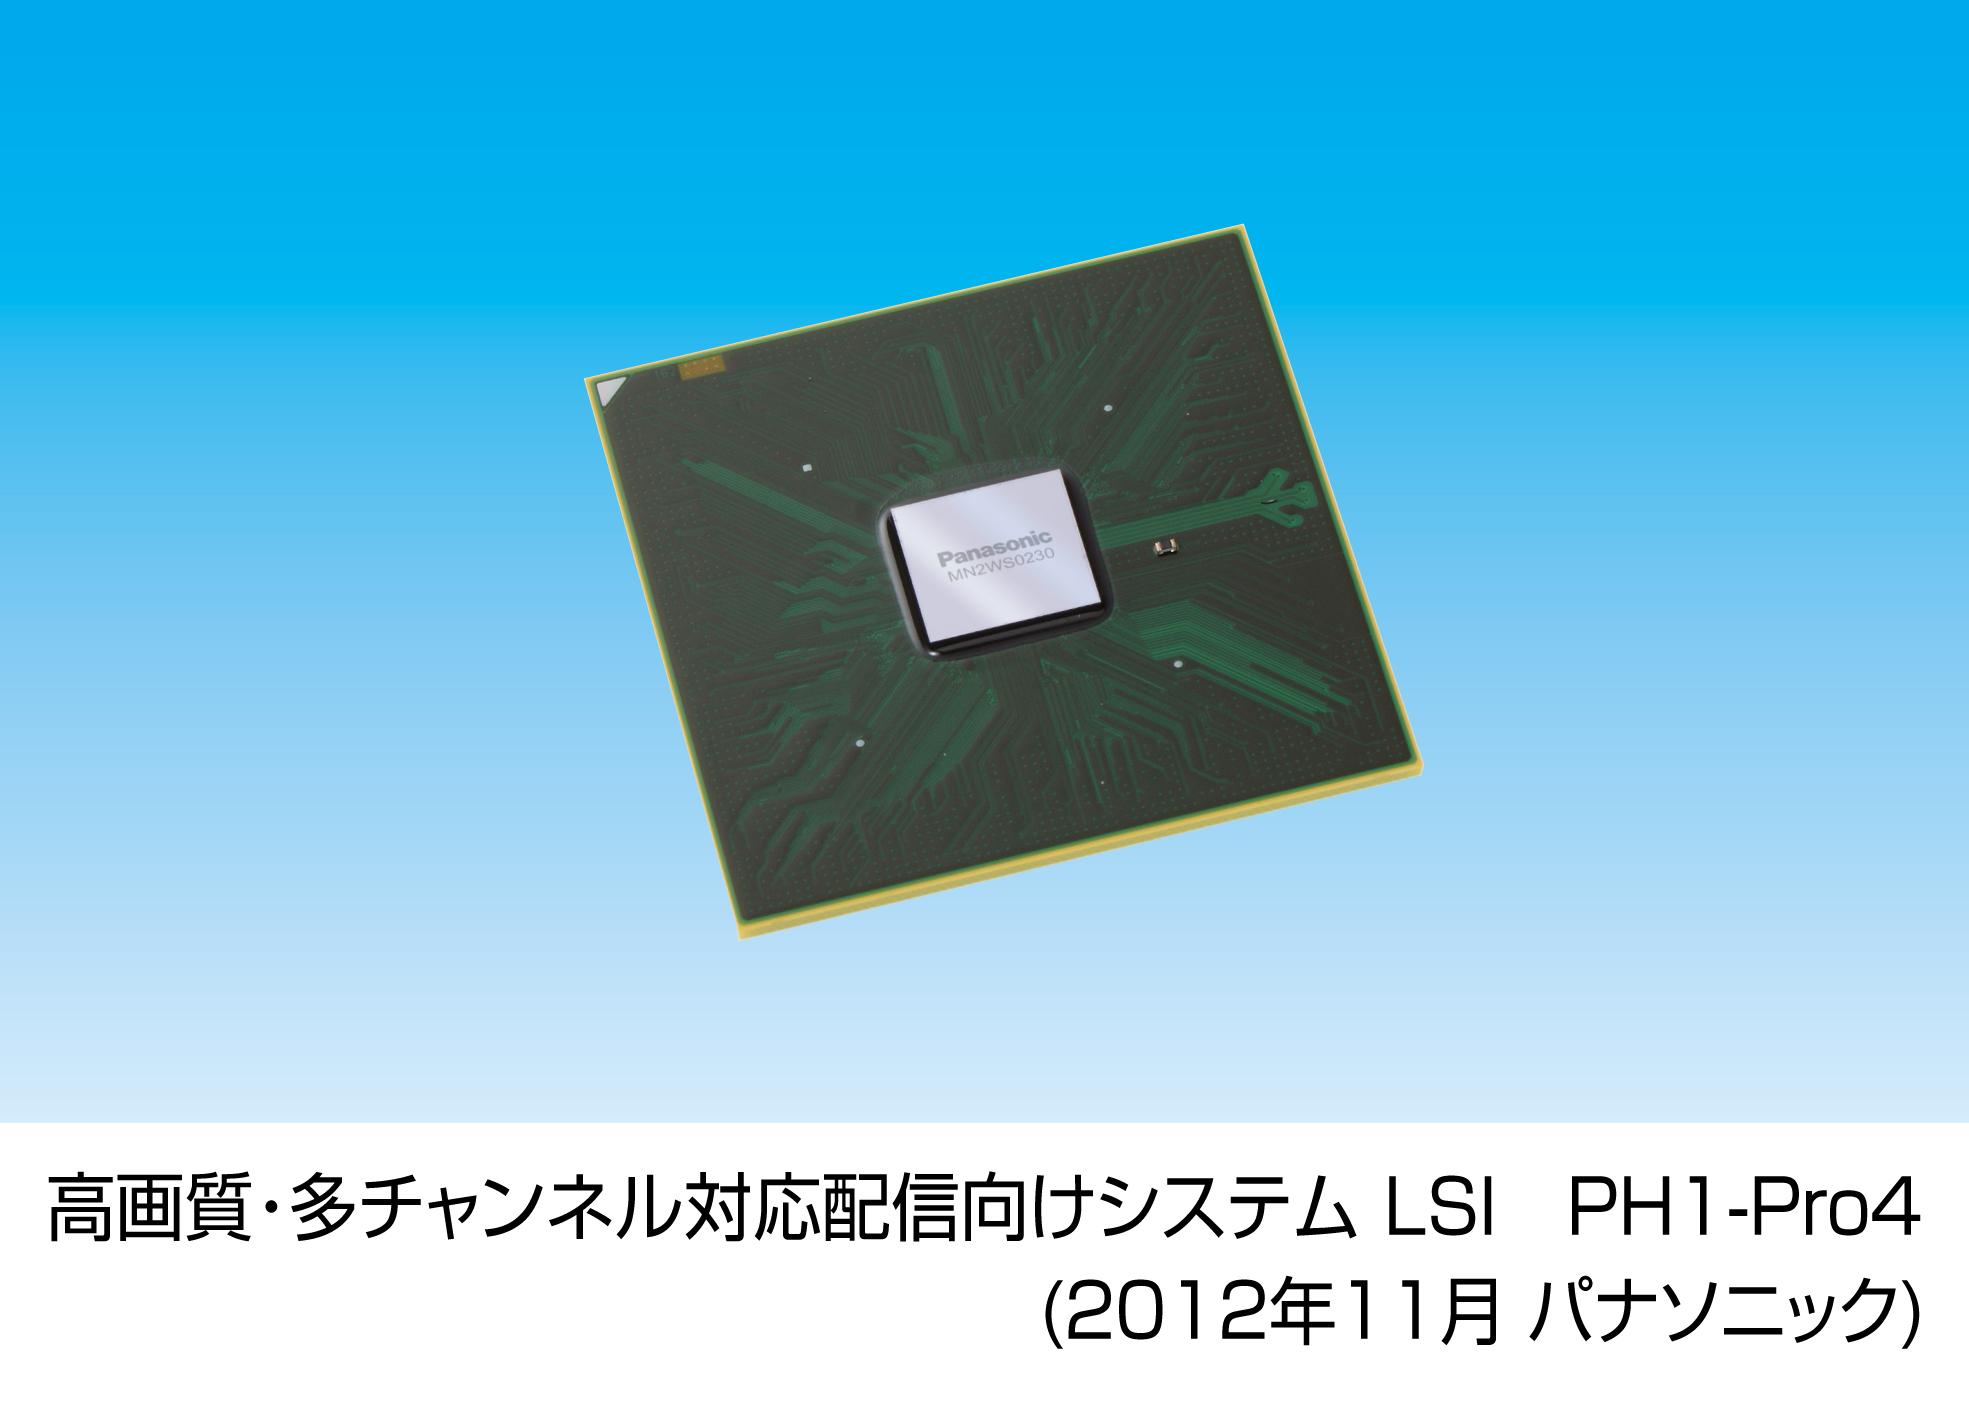 高画質・多チャンネル対応配信向けシステムLSI PH1-Pro4